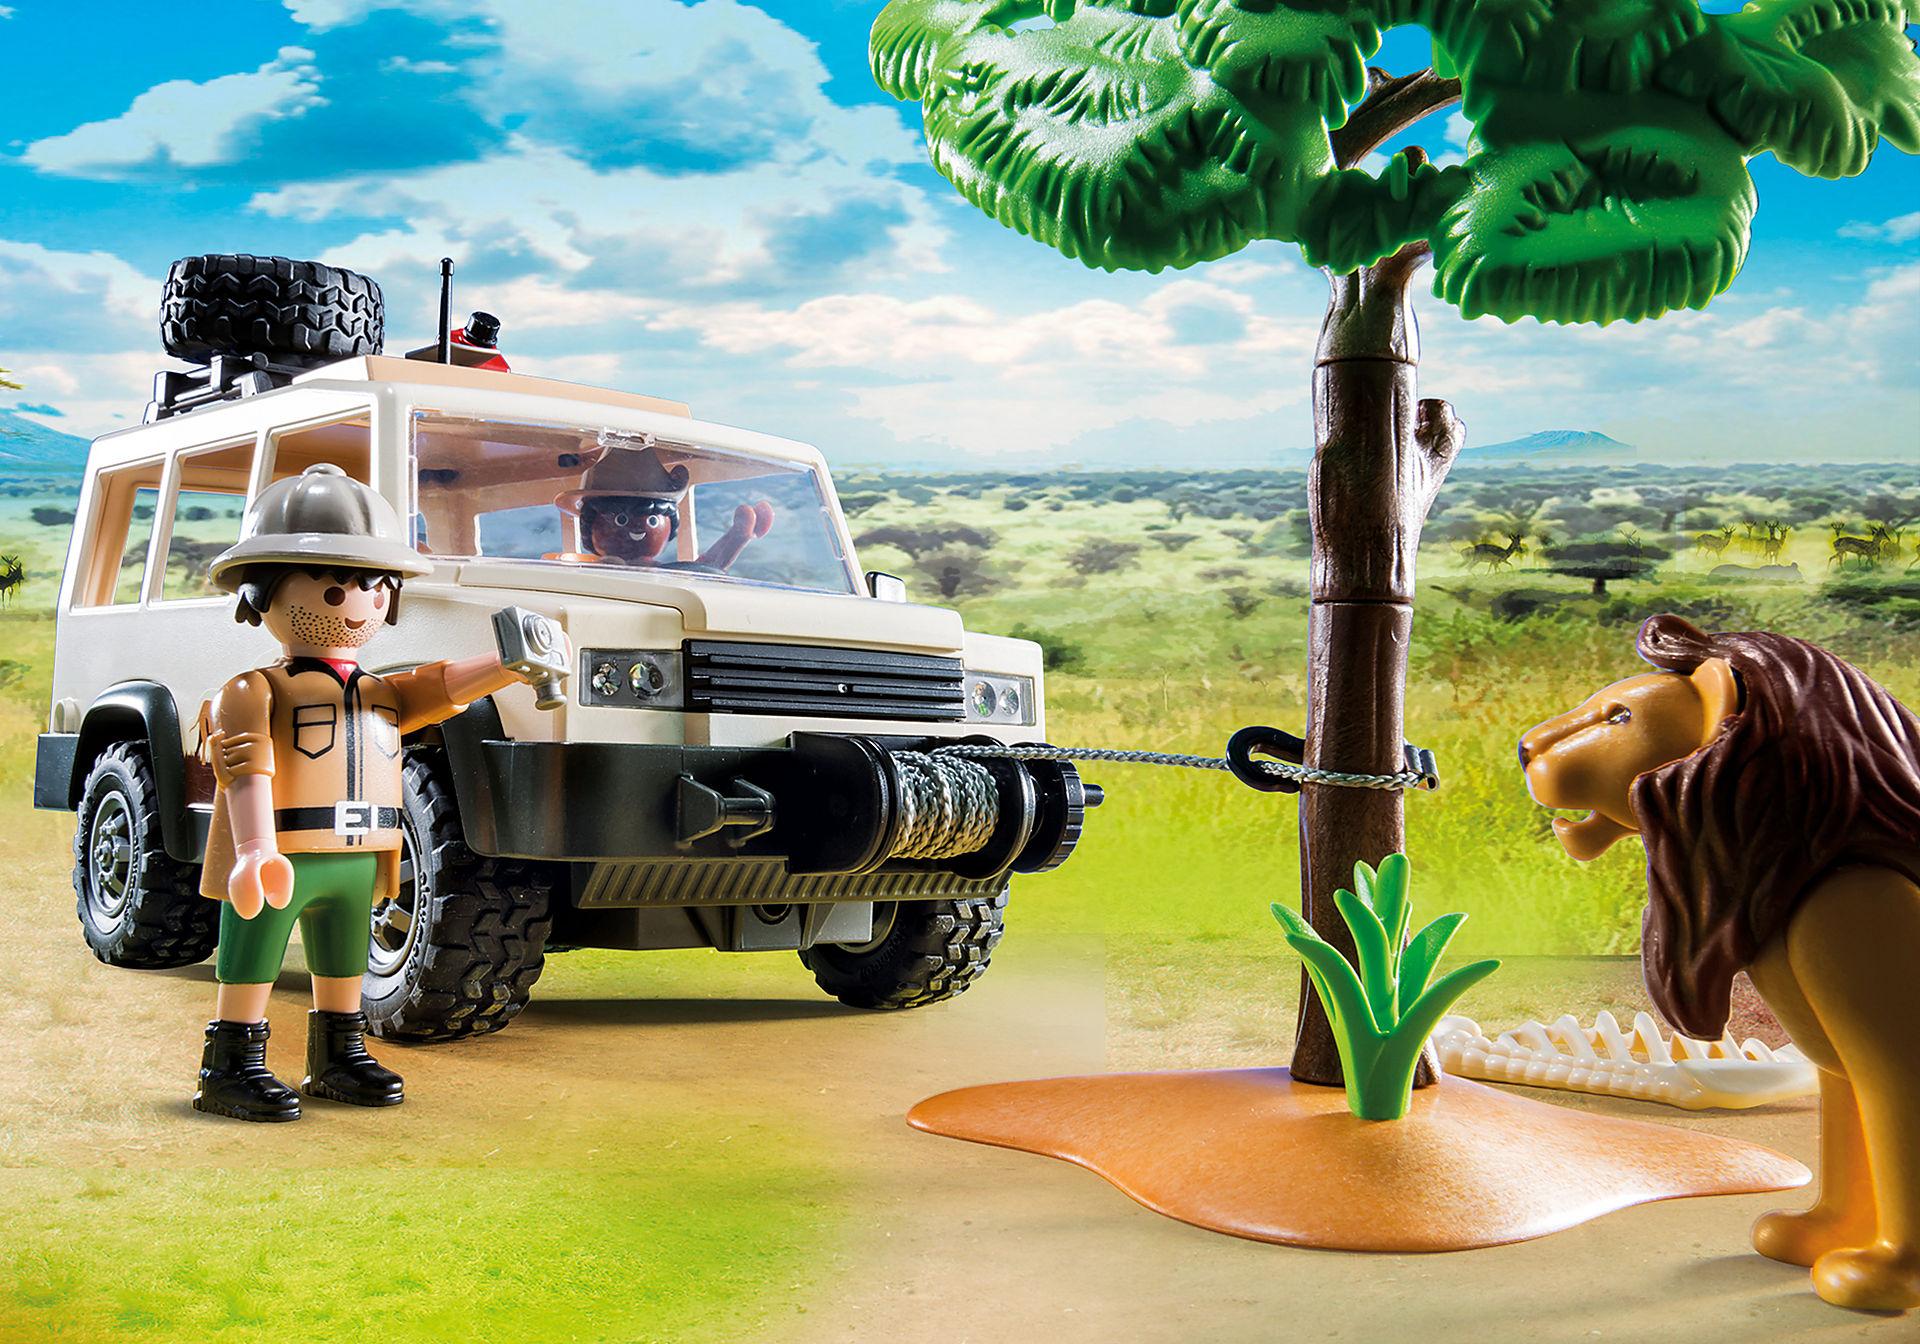 http://media.playmobil.com/i/playmobil/6798_product_extra1/Veículo de safari com leões